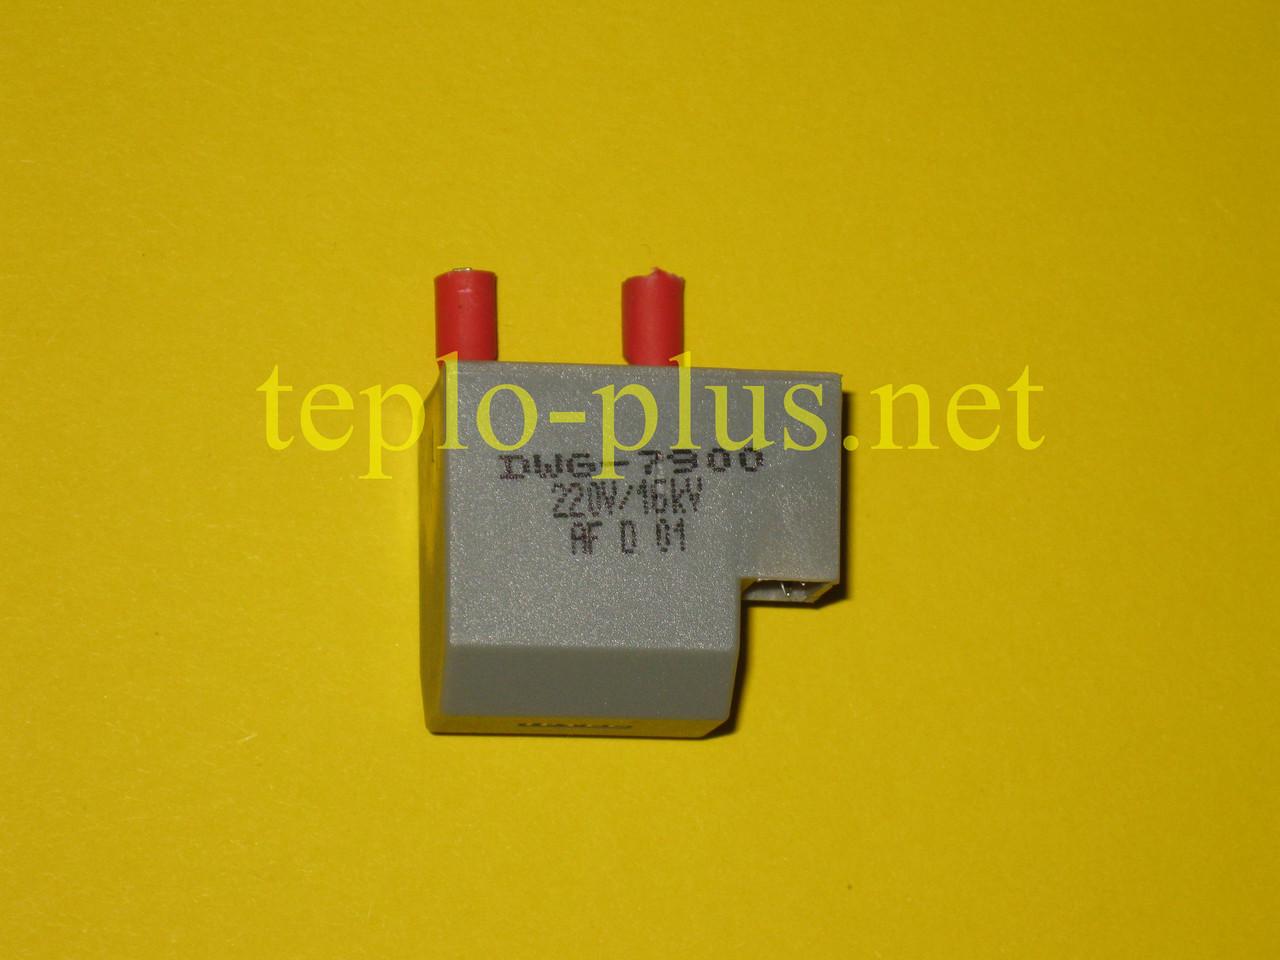 Трансформатор (блок розпалювання (запалювання) DWG-7900 Daewoo Gasboiler DGB-100, 130, 160, 200 ICH/KFC/MSC/MES